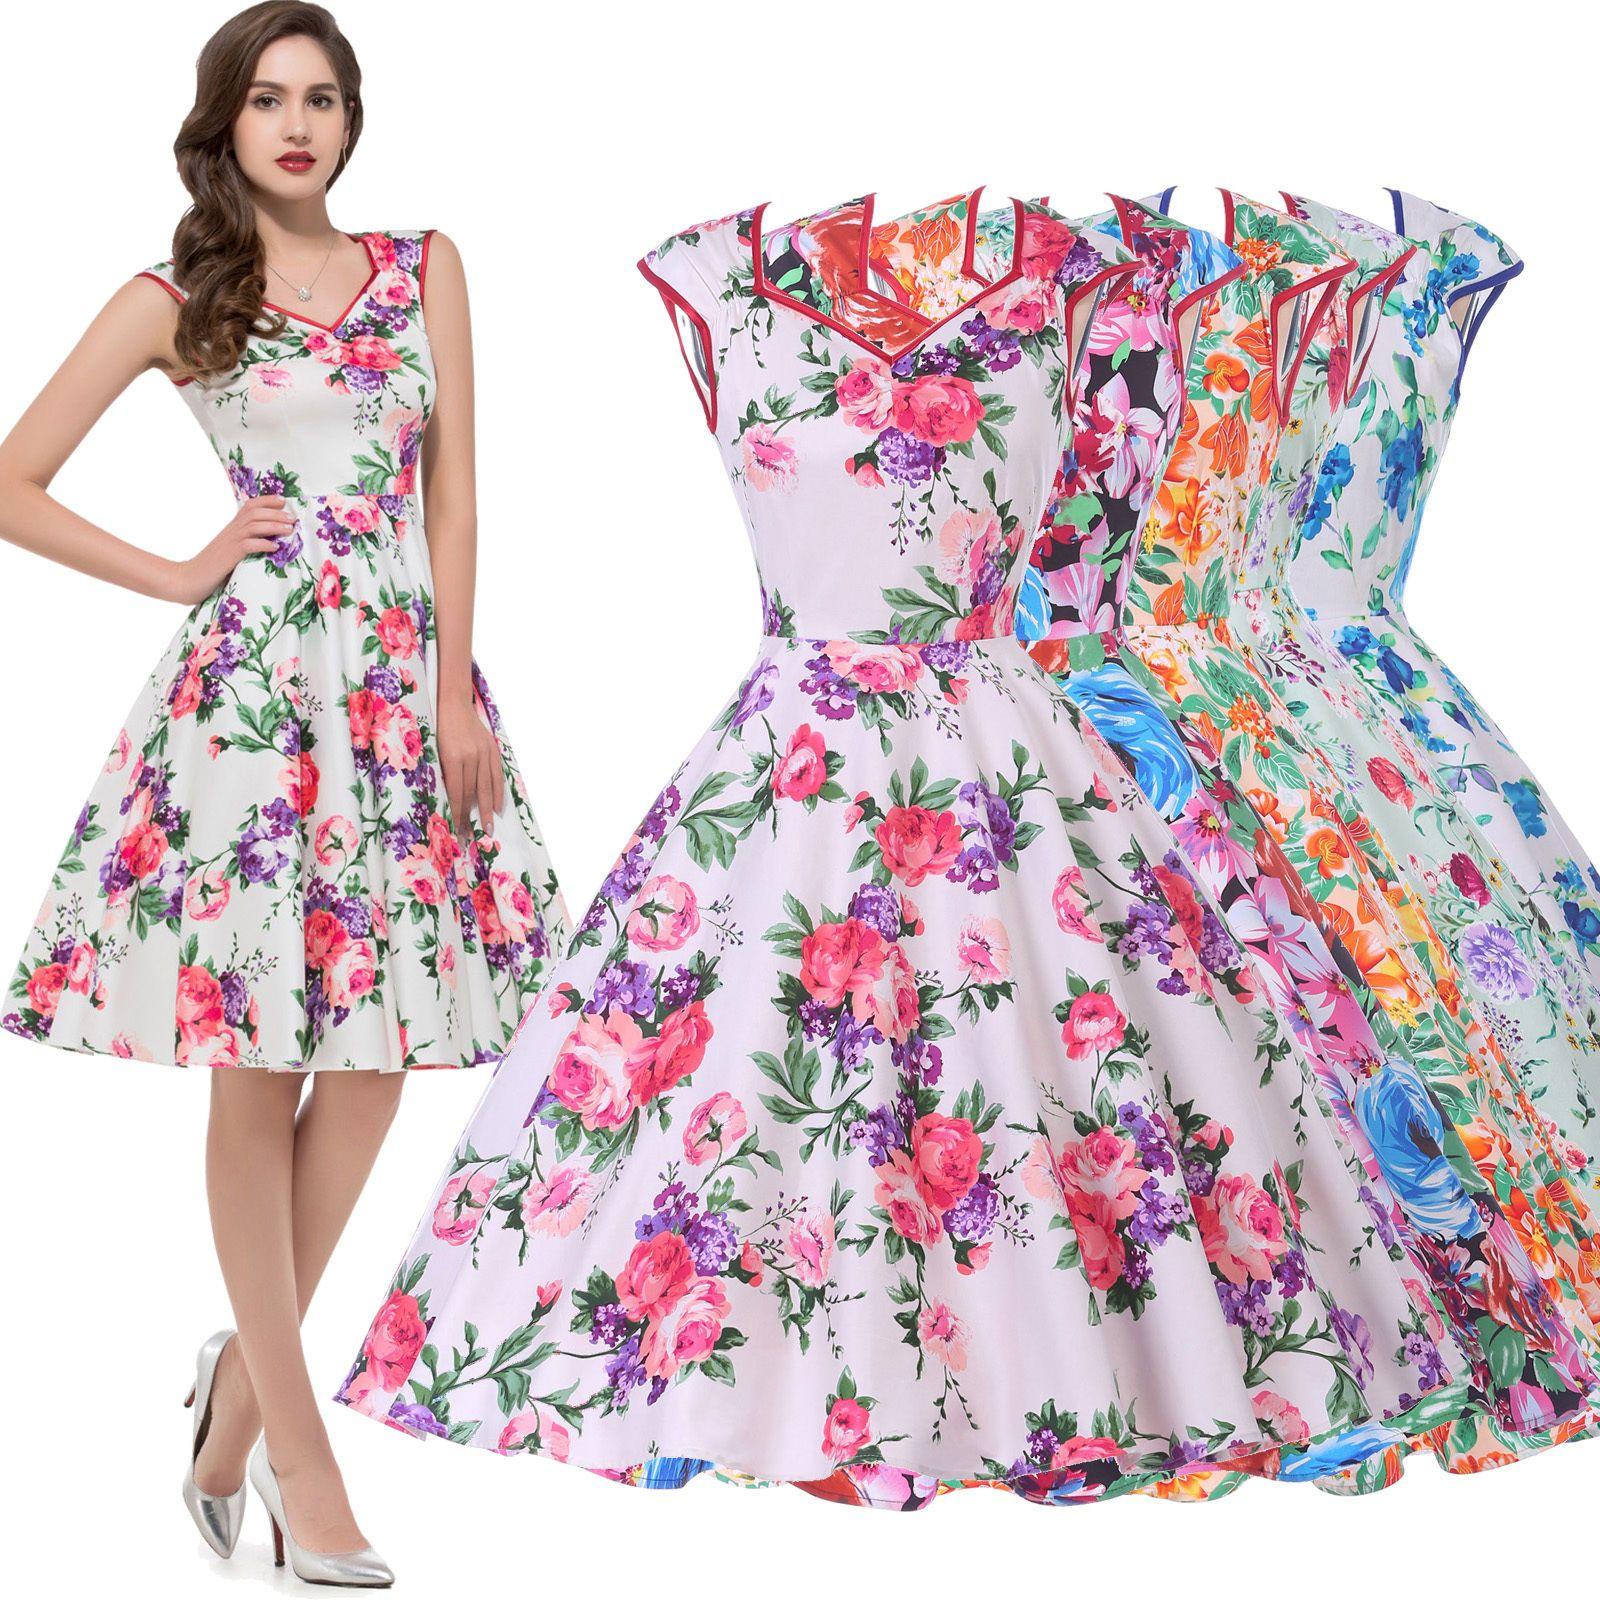 Floral short vintage s s pinup cocktail swing evening tea dress